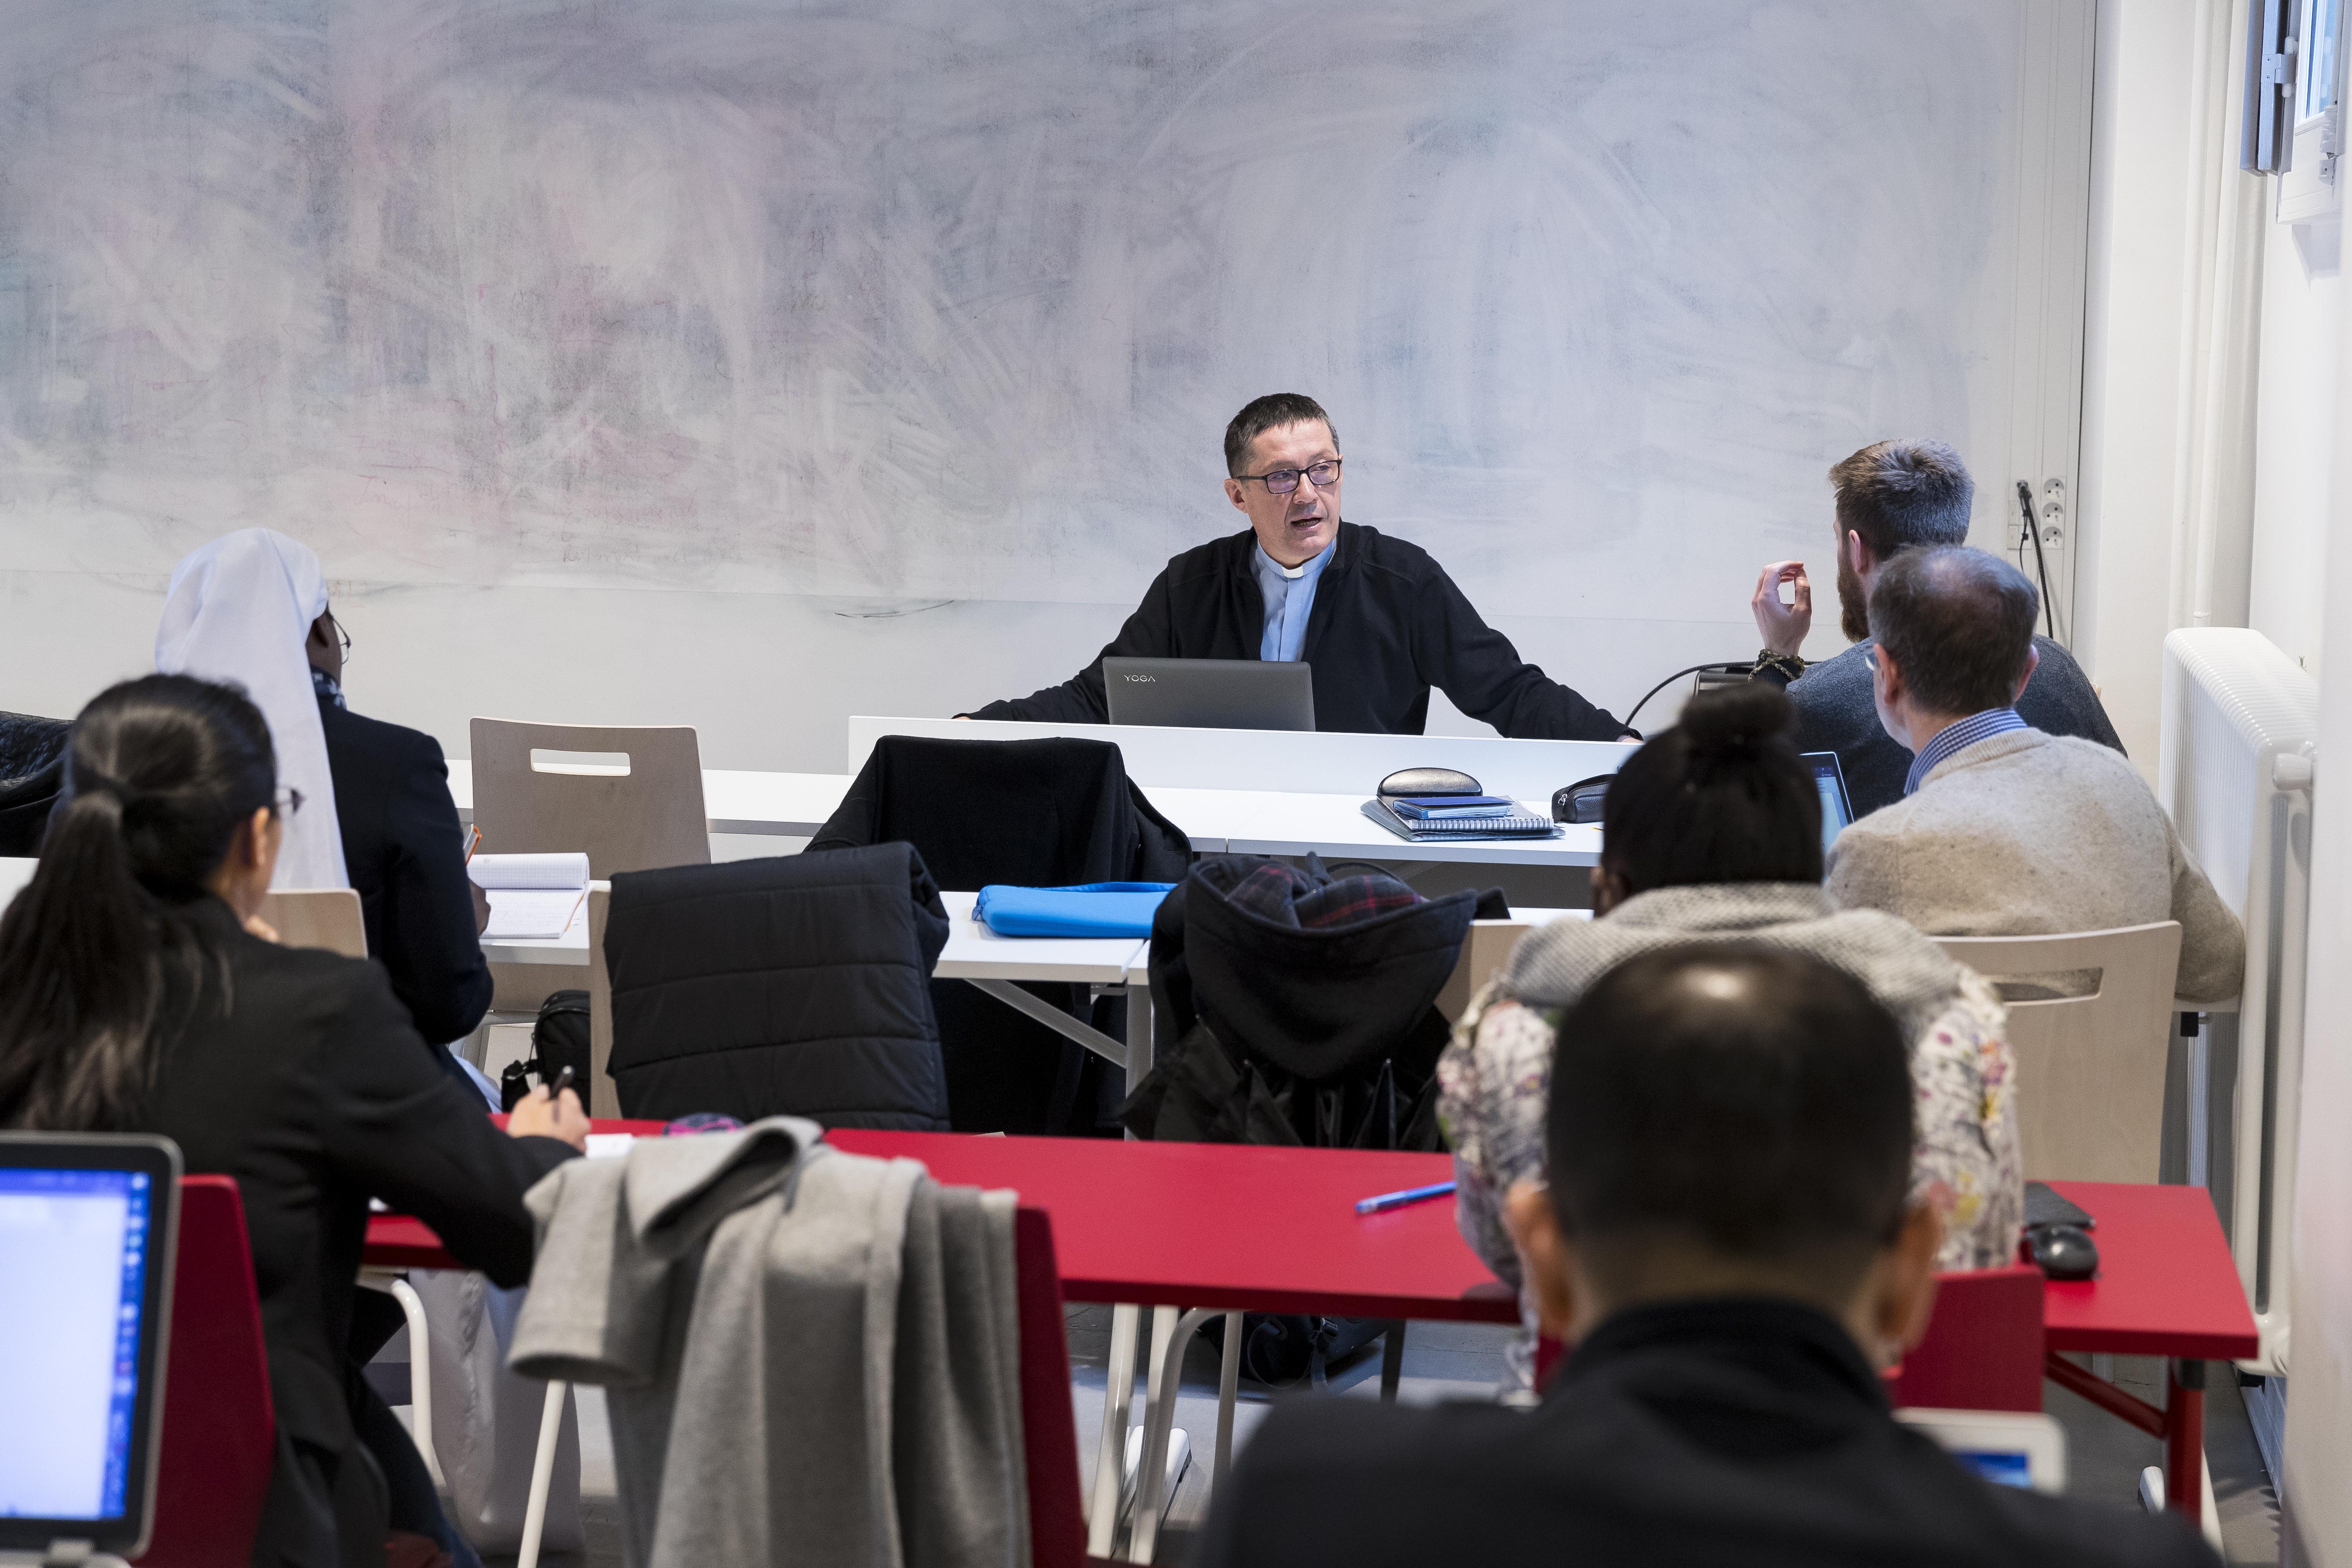 Cours de théologie avec le père Gilles Drouin à l'Institut catholique de Paris.